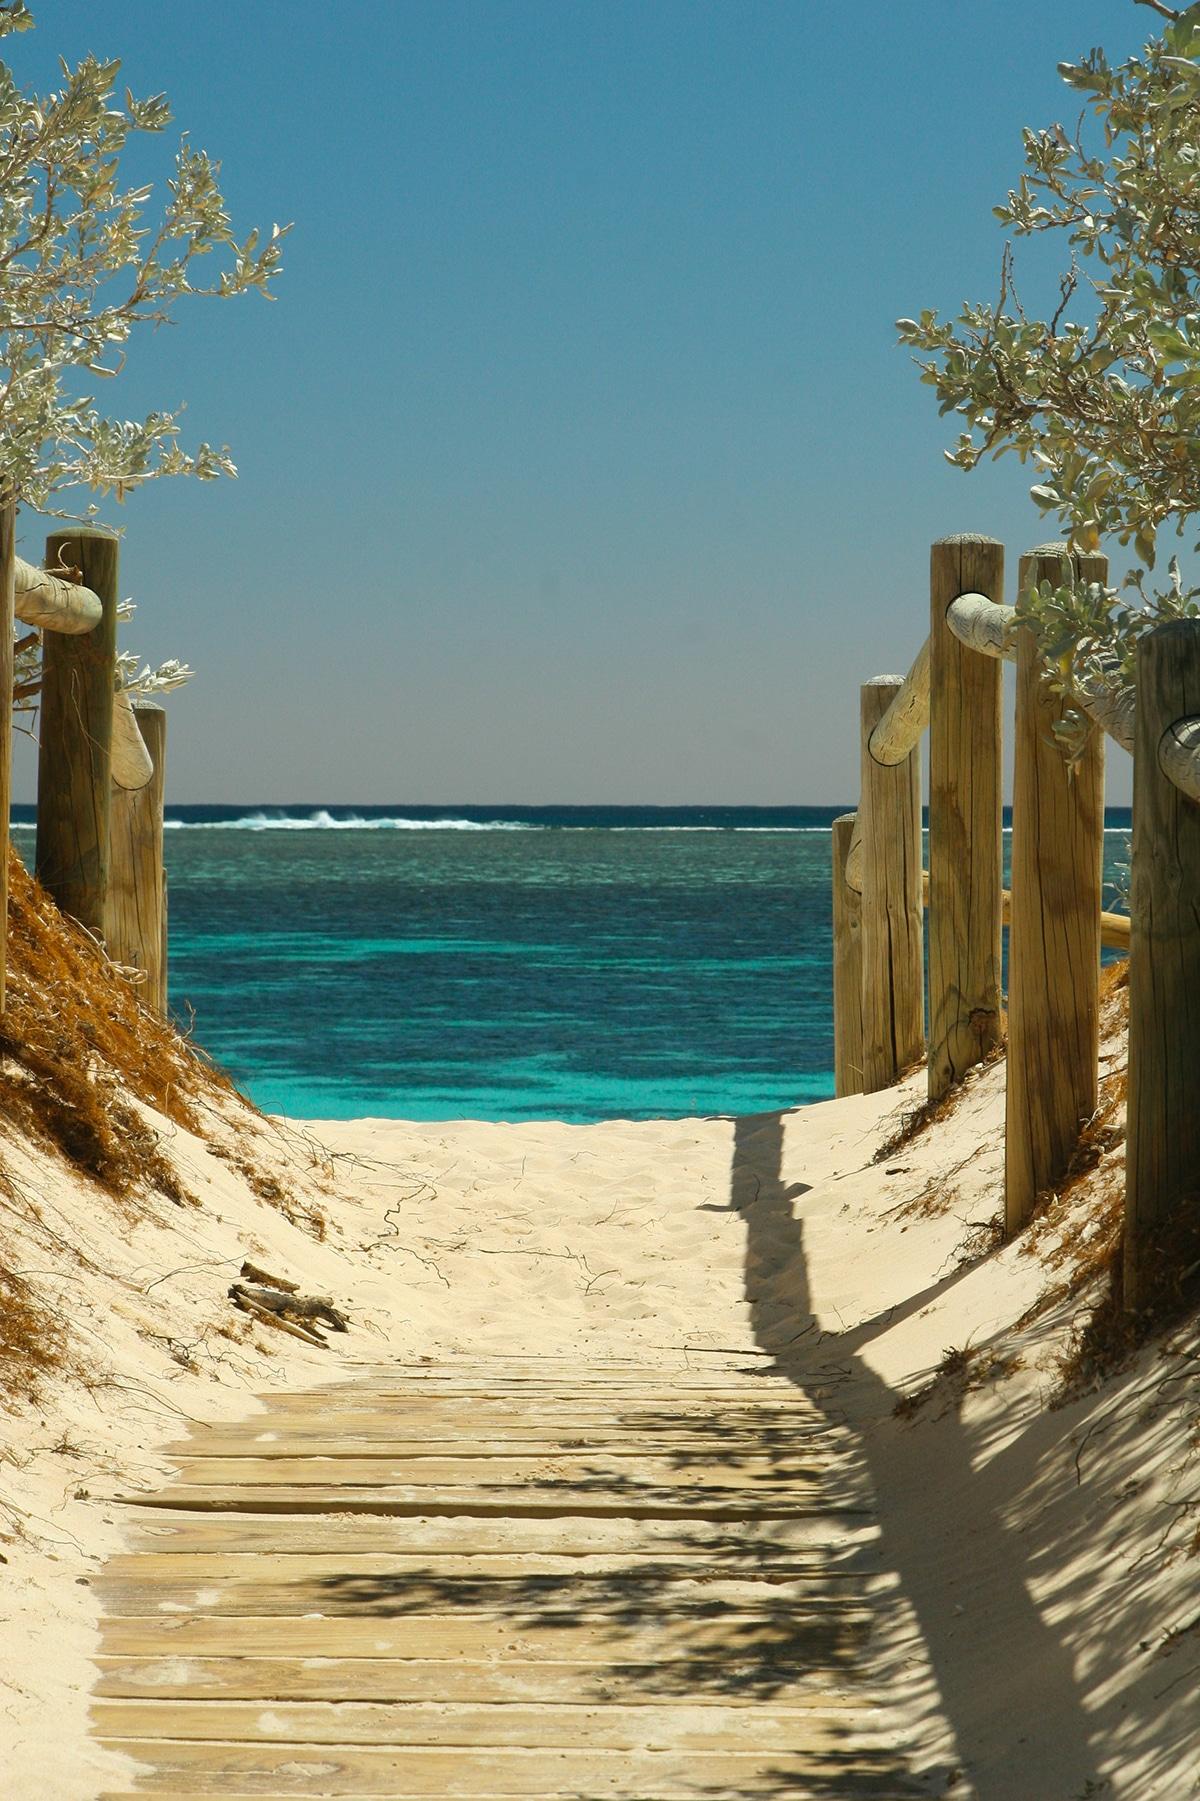 Turquoise Bay - Exmouth - Western Australia - Plus belles plages en Australie